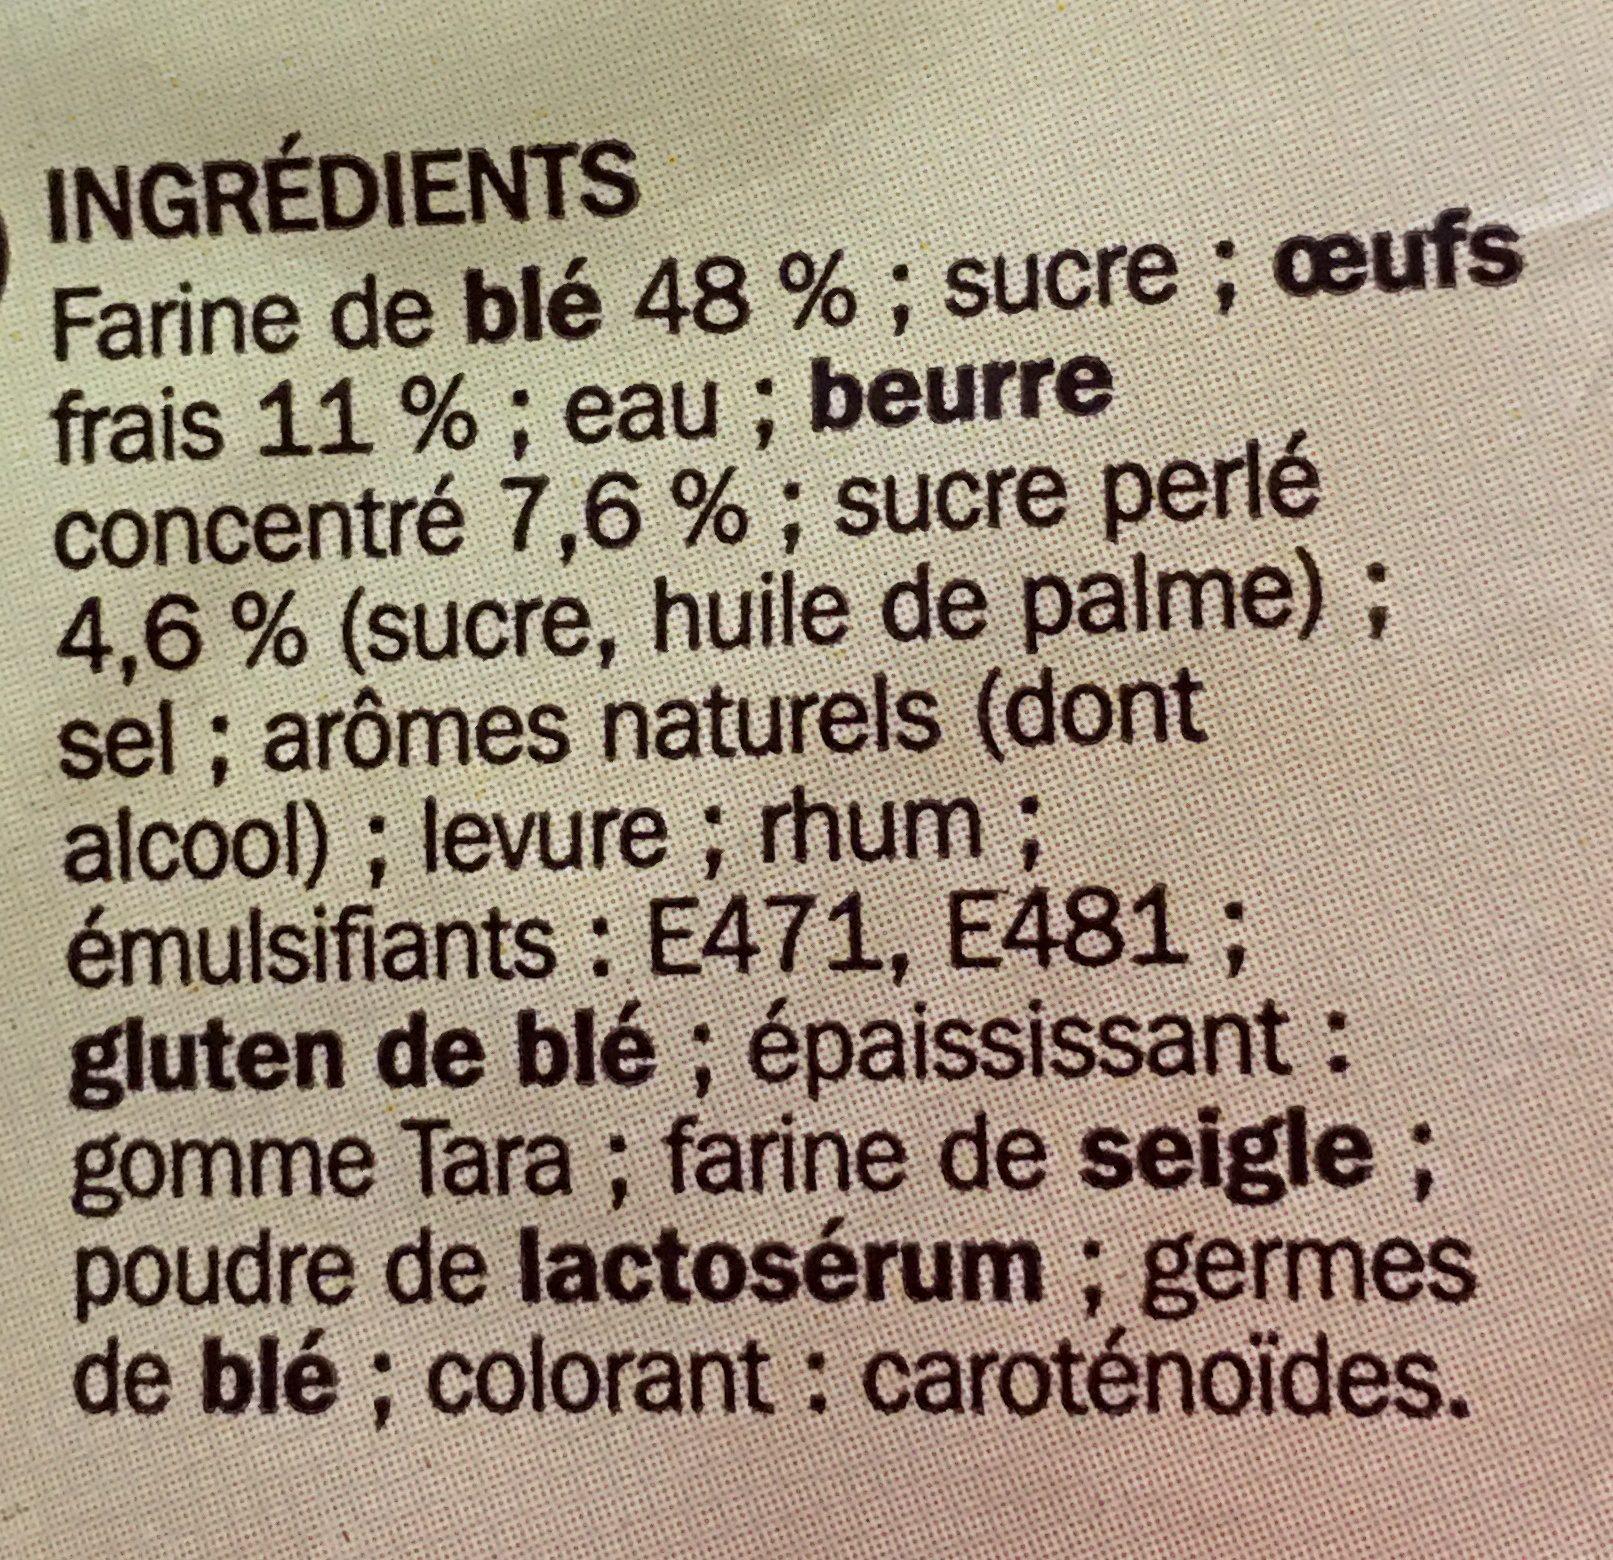 Brioche tressée aux perles de sucre - Ingrédients - fr